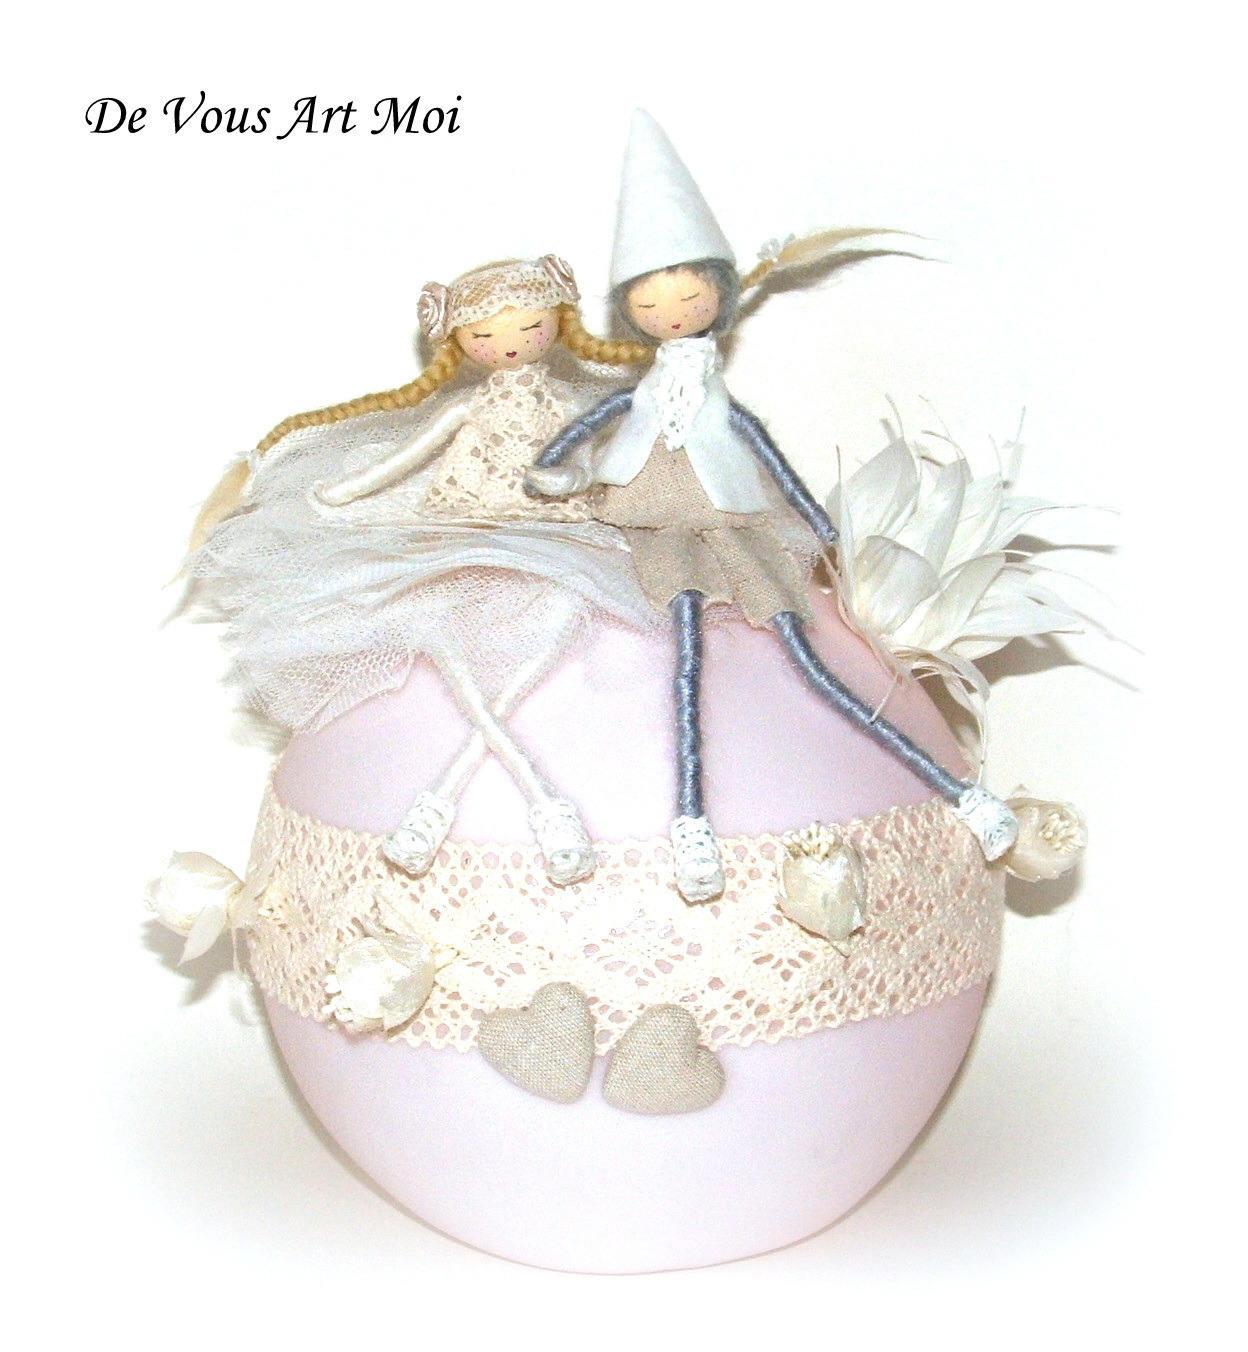 Mariage veilleuse Main À De Cadeau Variation Lampe Amoureux faite WrxdBoQeC